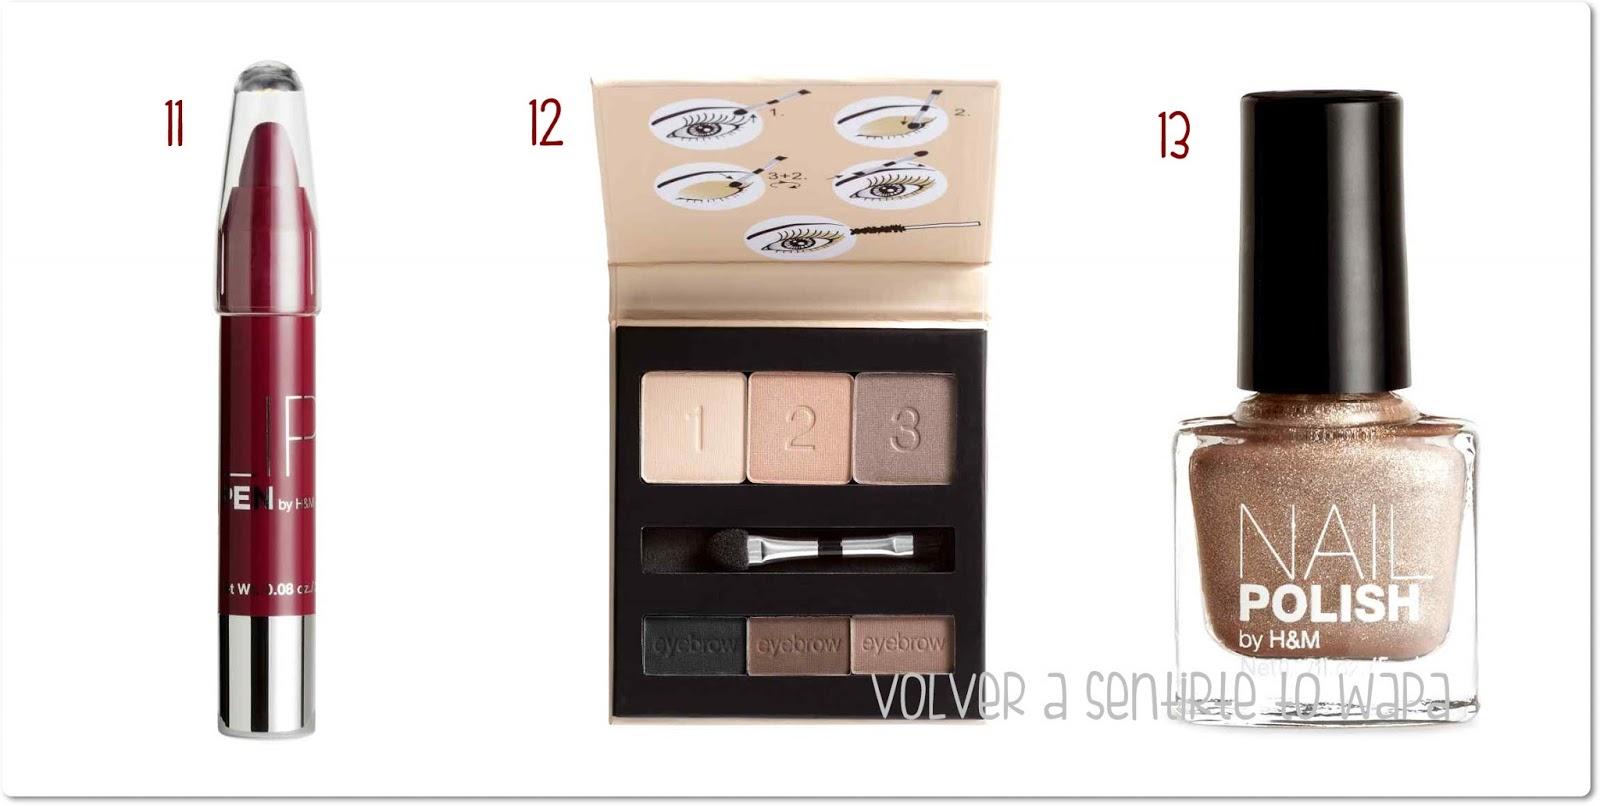 Venta online de cosmética en H&M